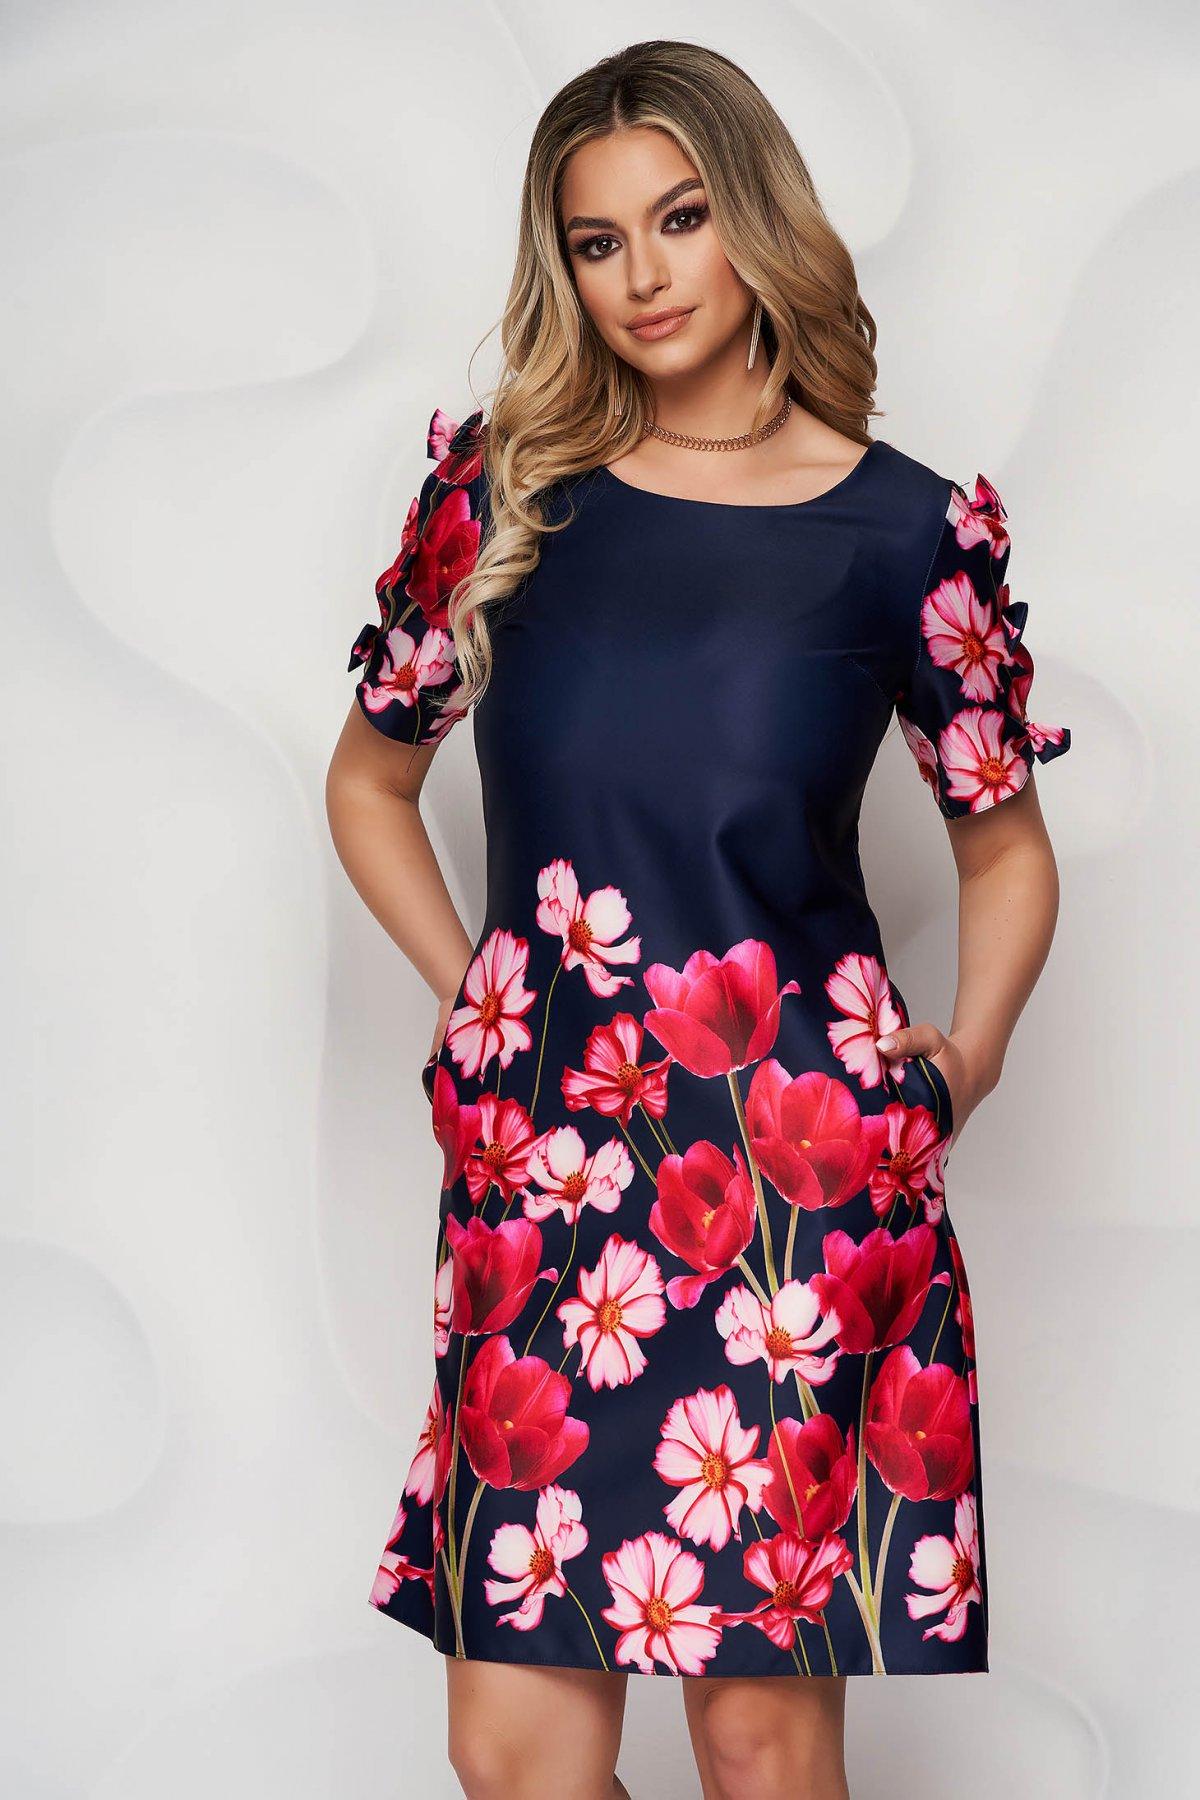 Rochie albastru-inchis cu imprimeu floral din material satinat cu croi in a accesorizata cu fundite - medelin.ro